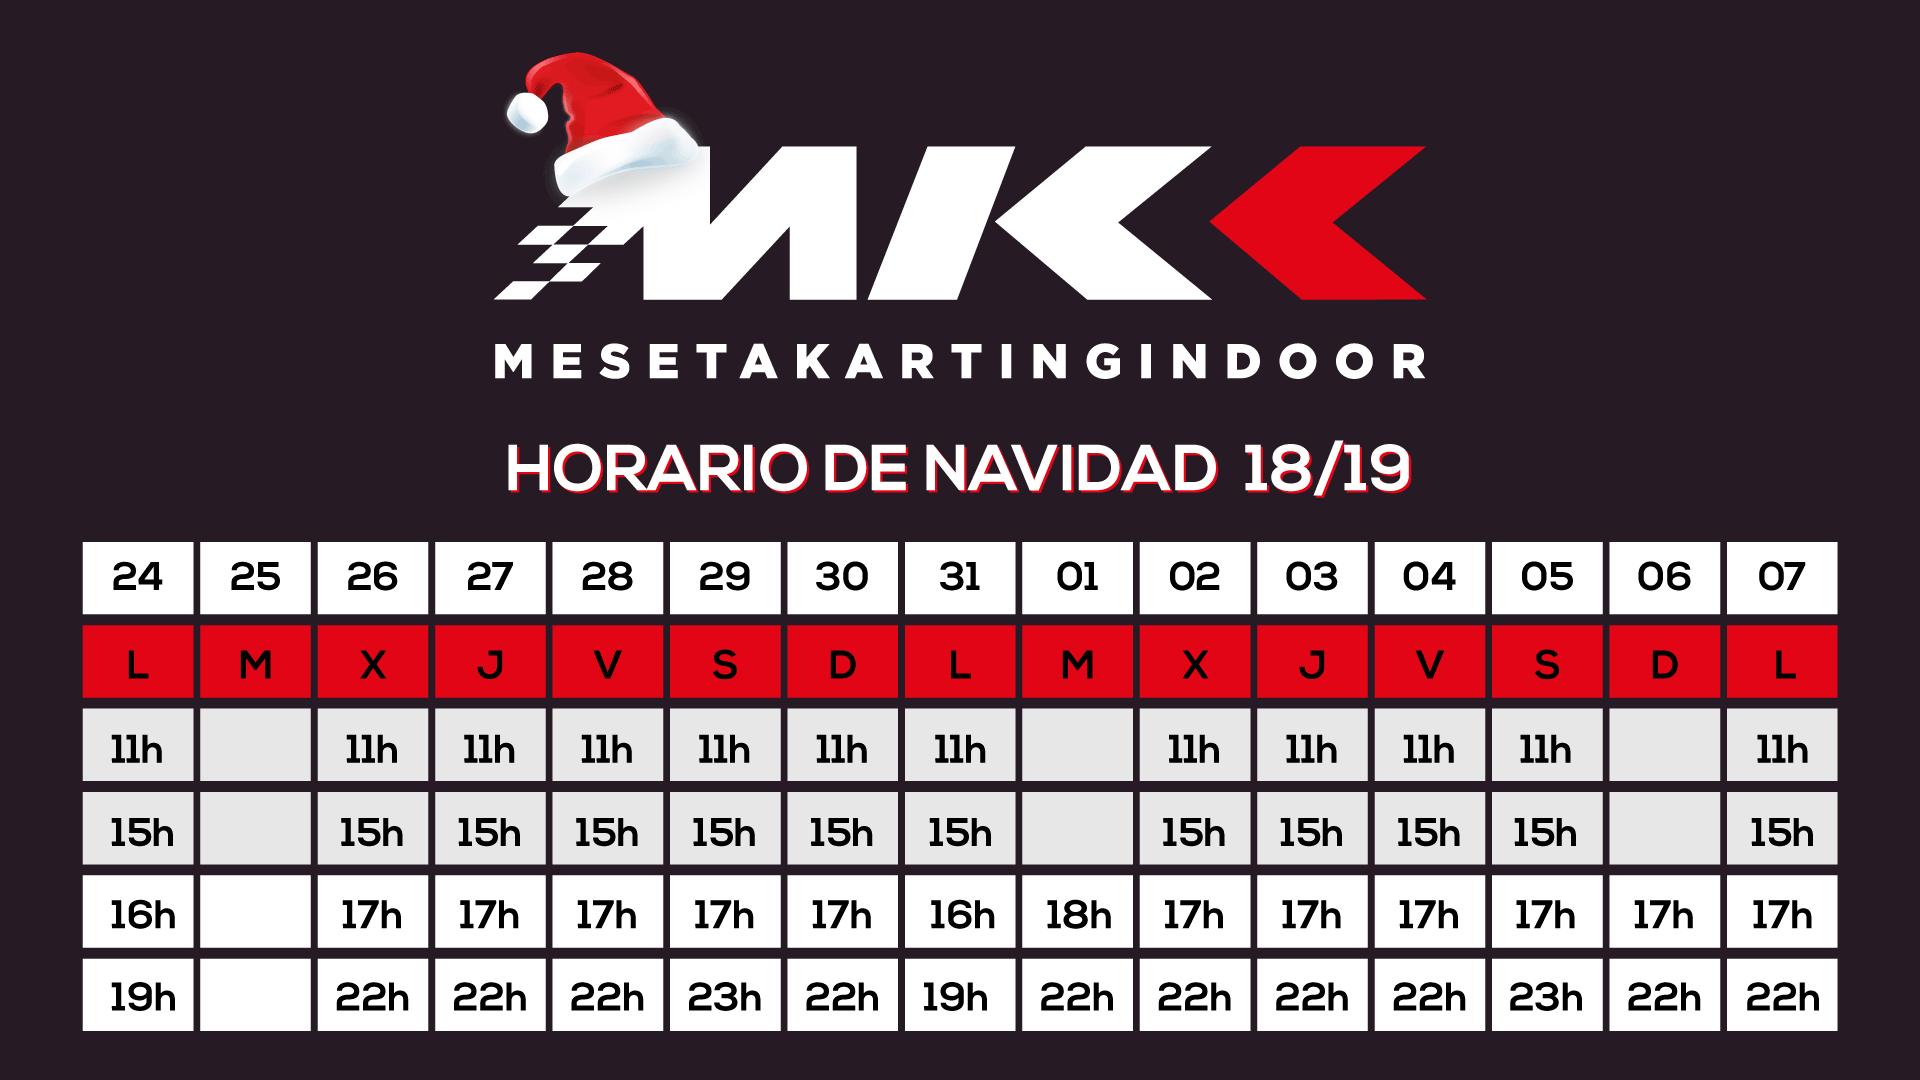 horario Navidad Meseta Karting Indoor Valladolid